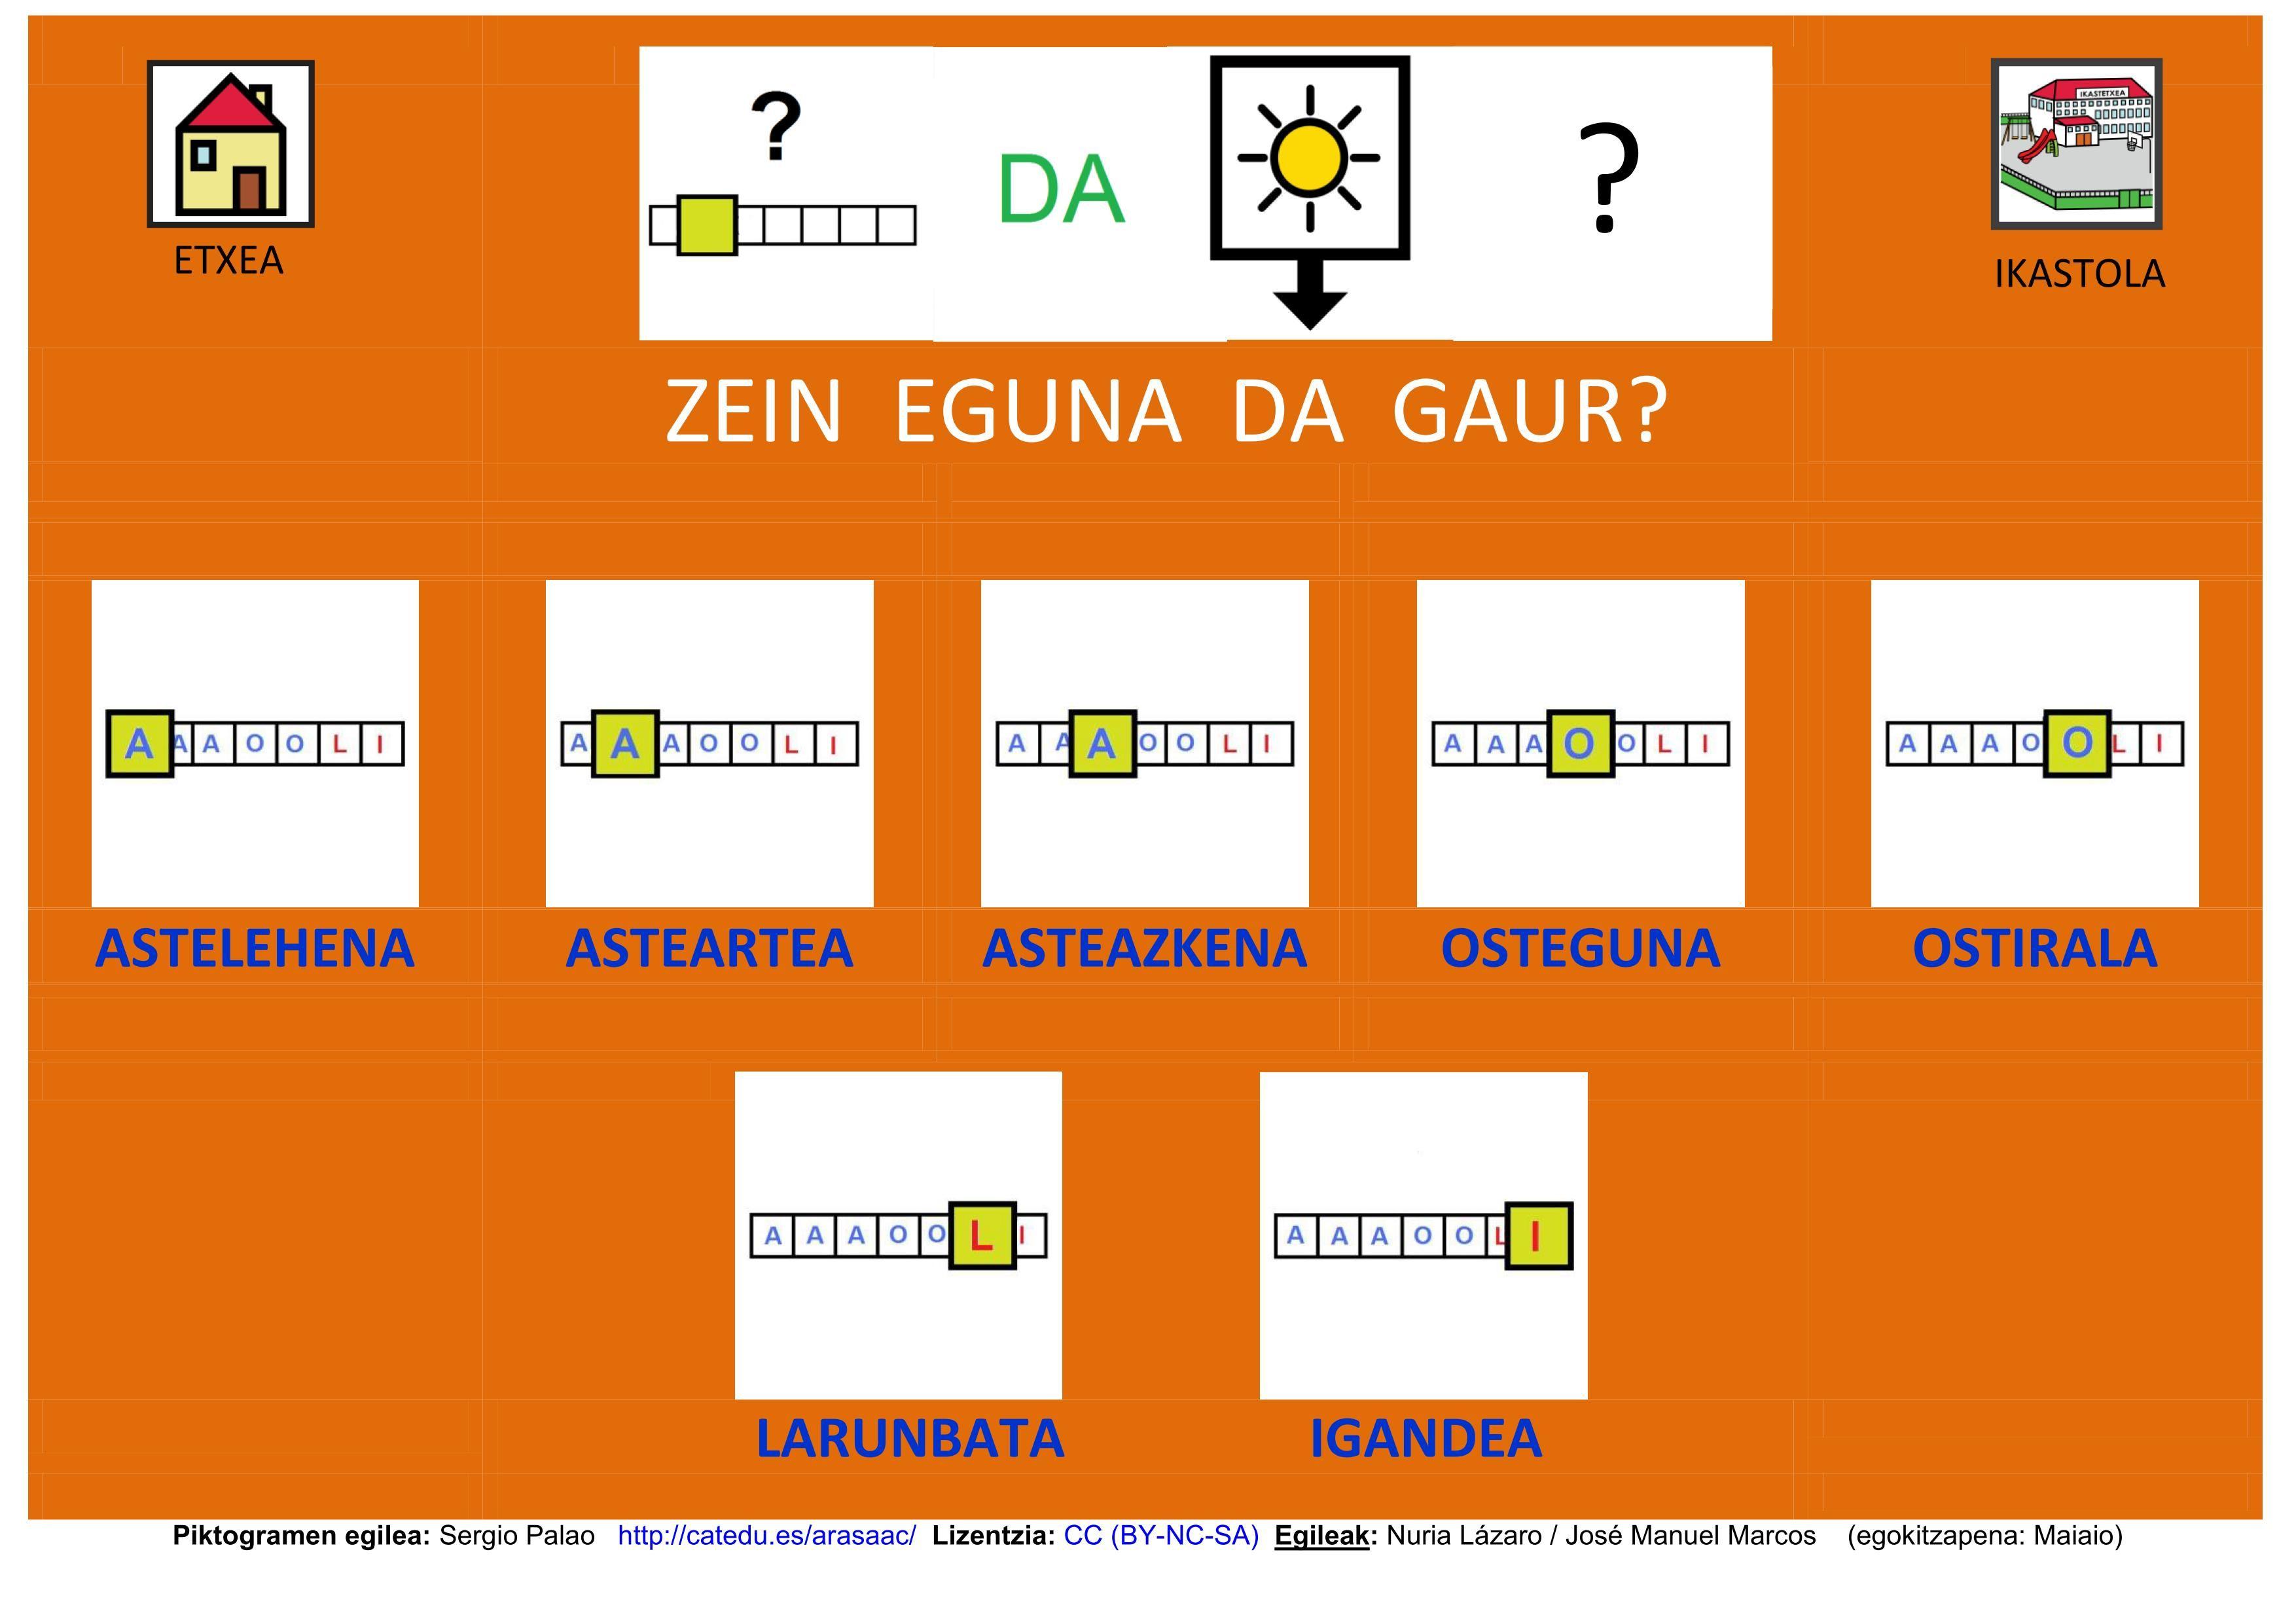 Adaptación En Euskera De Tablero De Comunicación Arasaac Http Informaticaparaeduca Tableros De Comunicación Material Didactico Matematicas Euskera Aprender